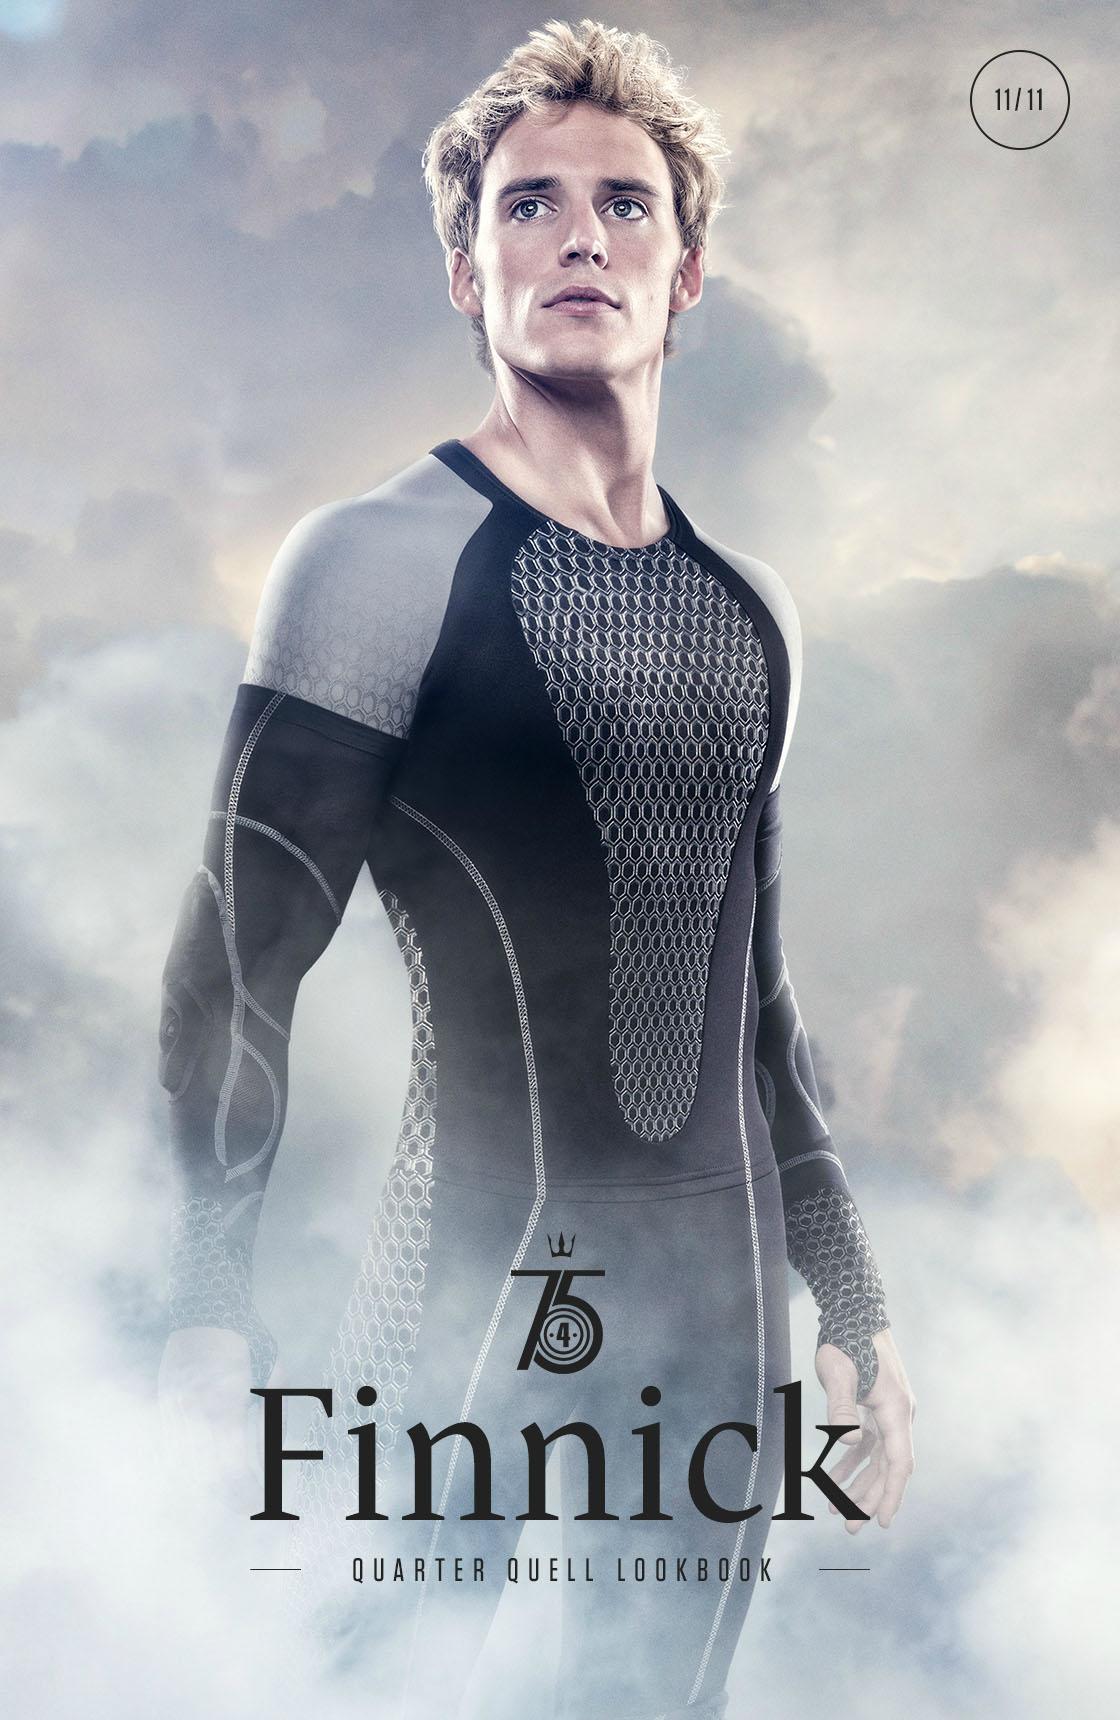 Finnick Odair - The Hunger Games Wiki